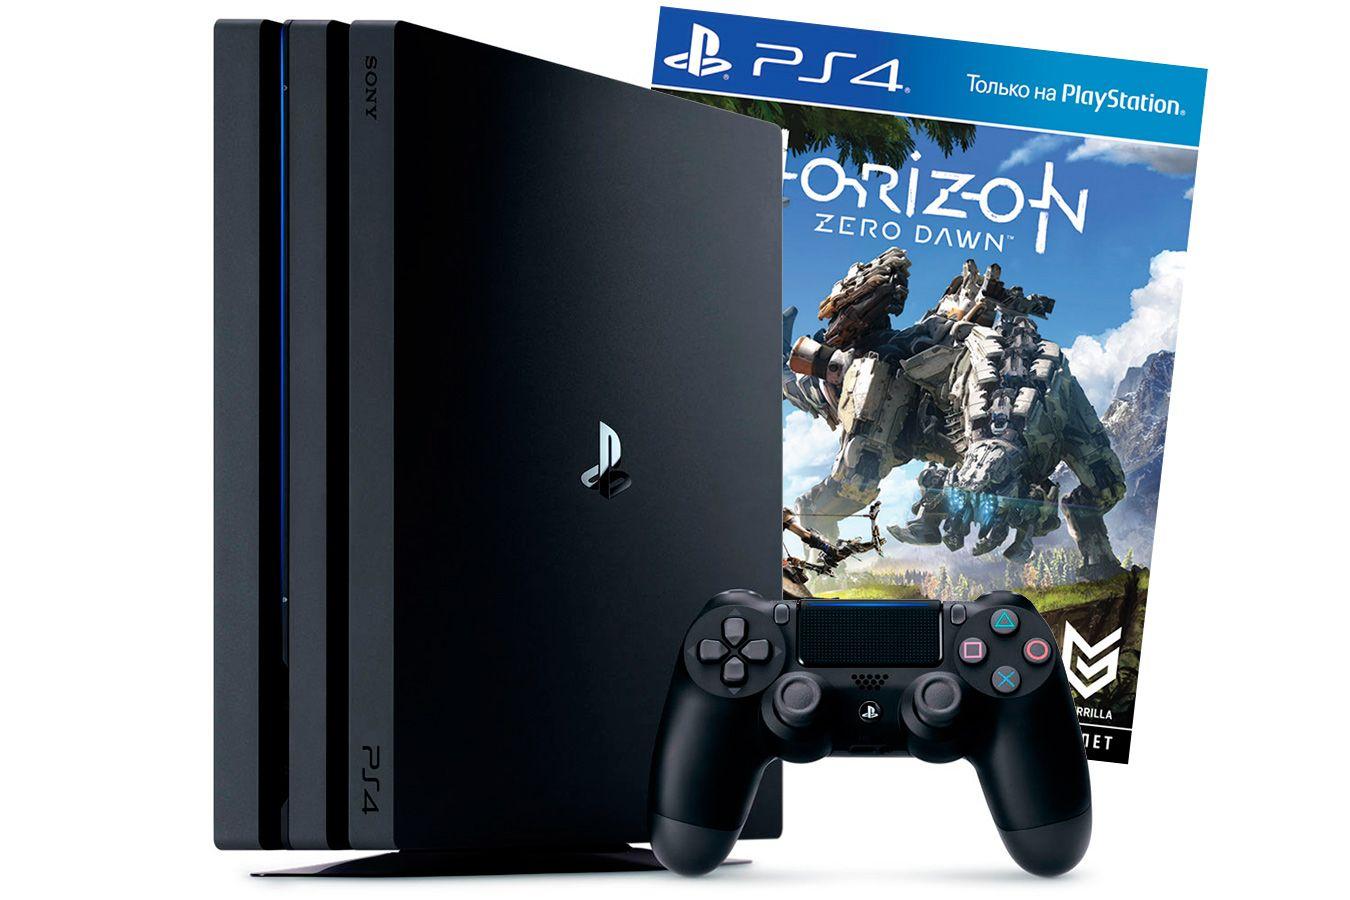 PlayStation 4 Pro игровая приставка с игрой Horizon Zero Dawn [PS4P1HZ]